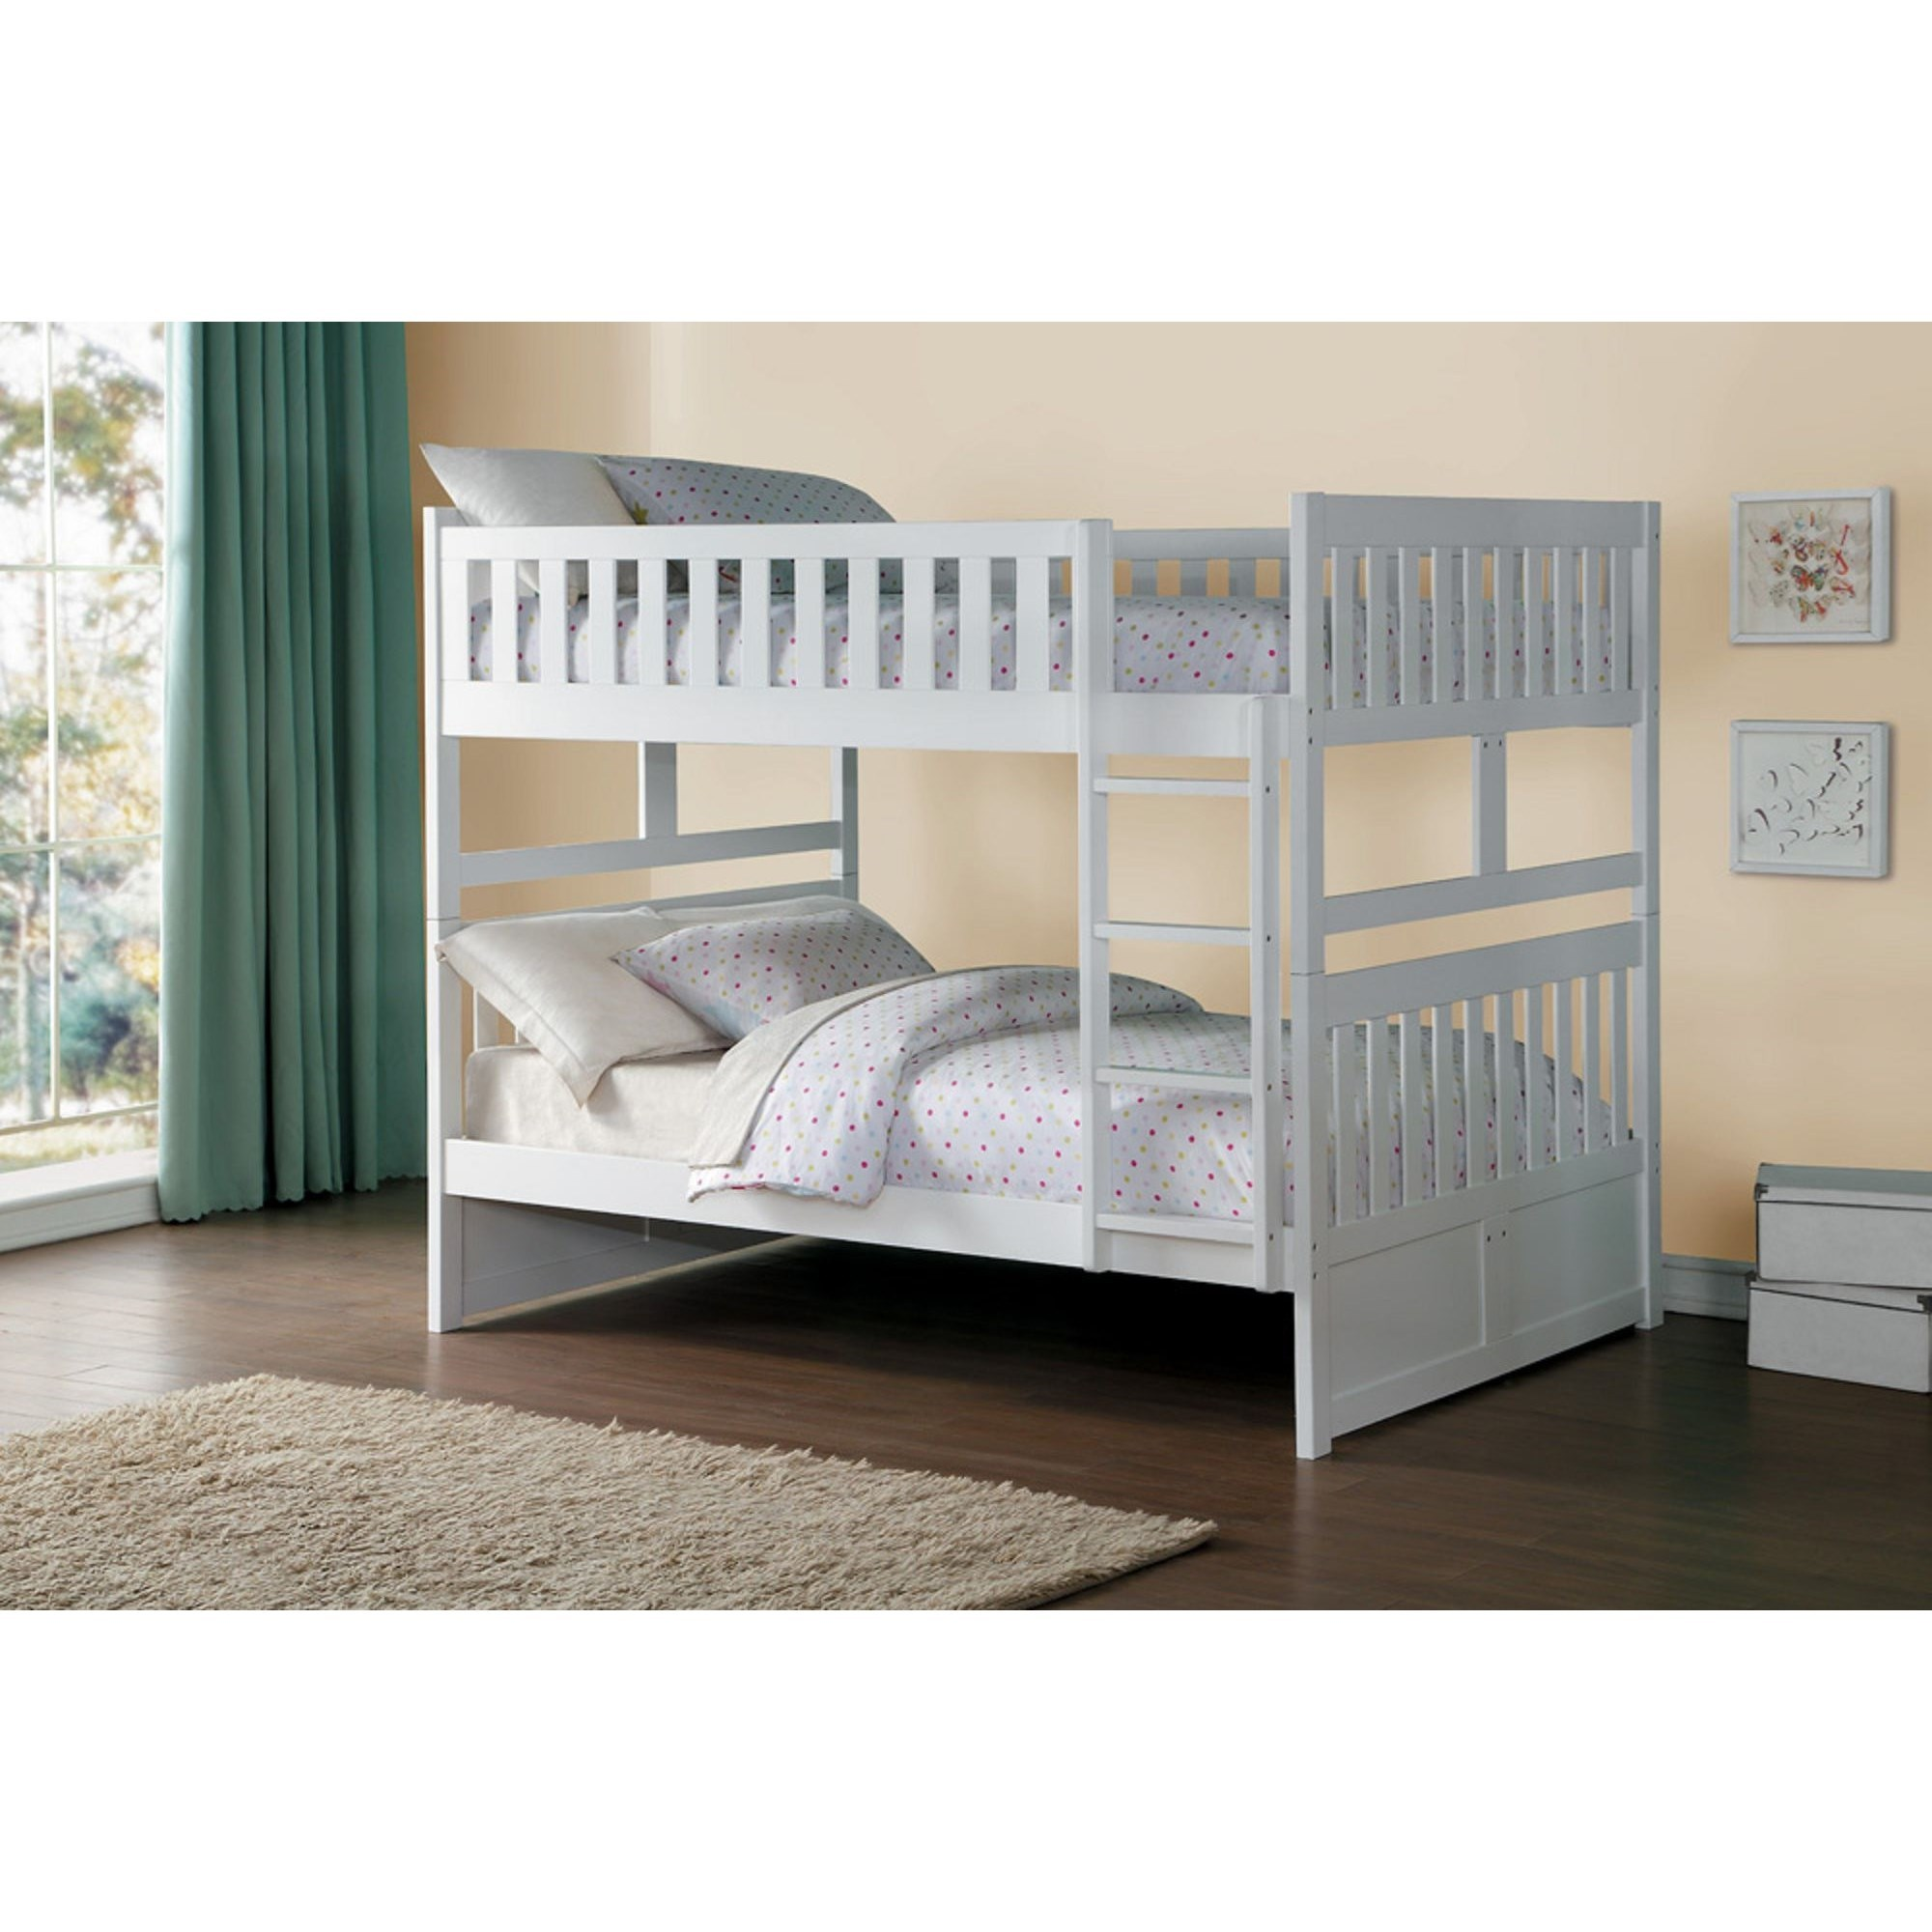 model hardware fbx furniture bed chesterfield obj restoration over max models bunk full